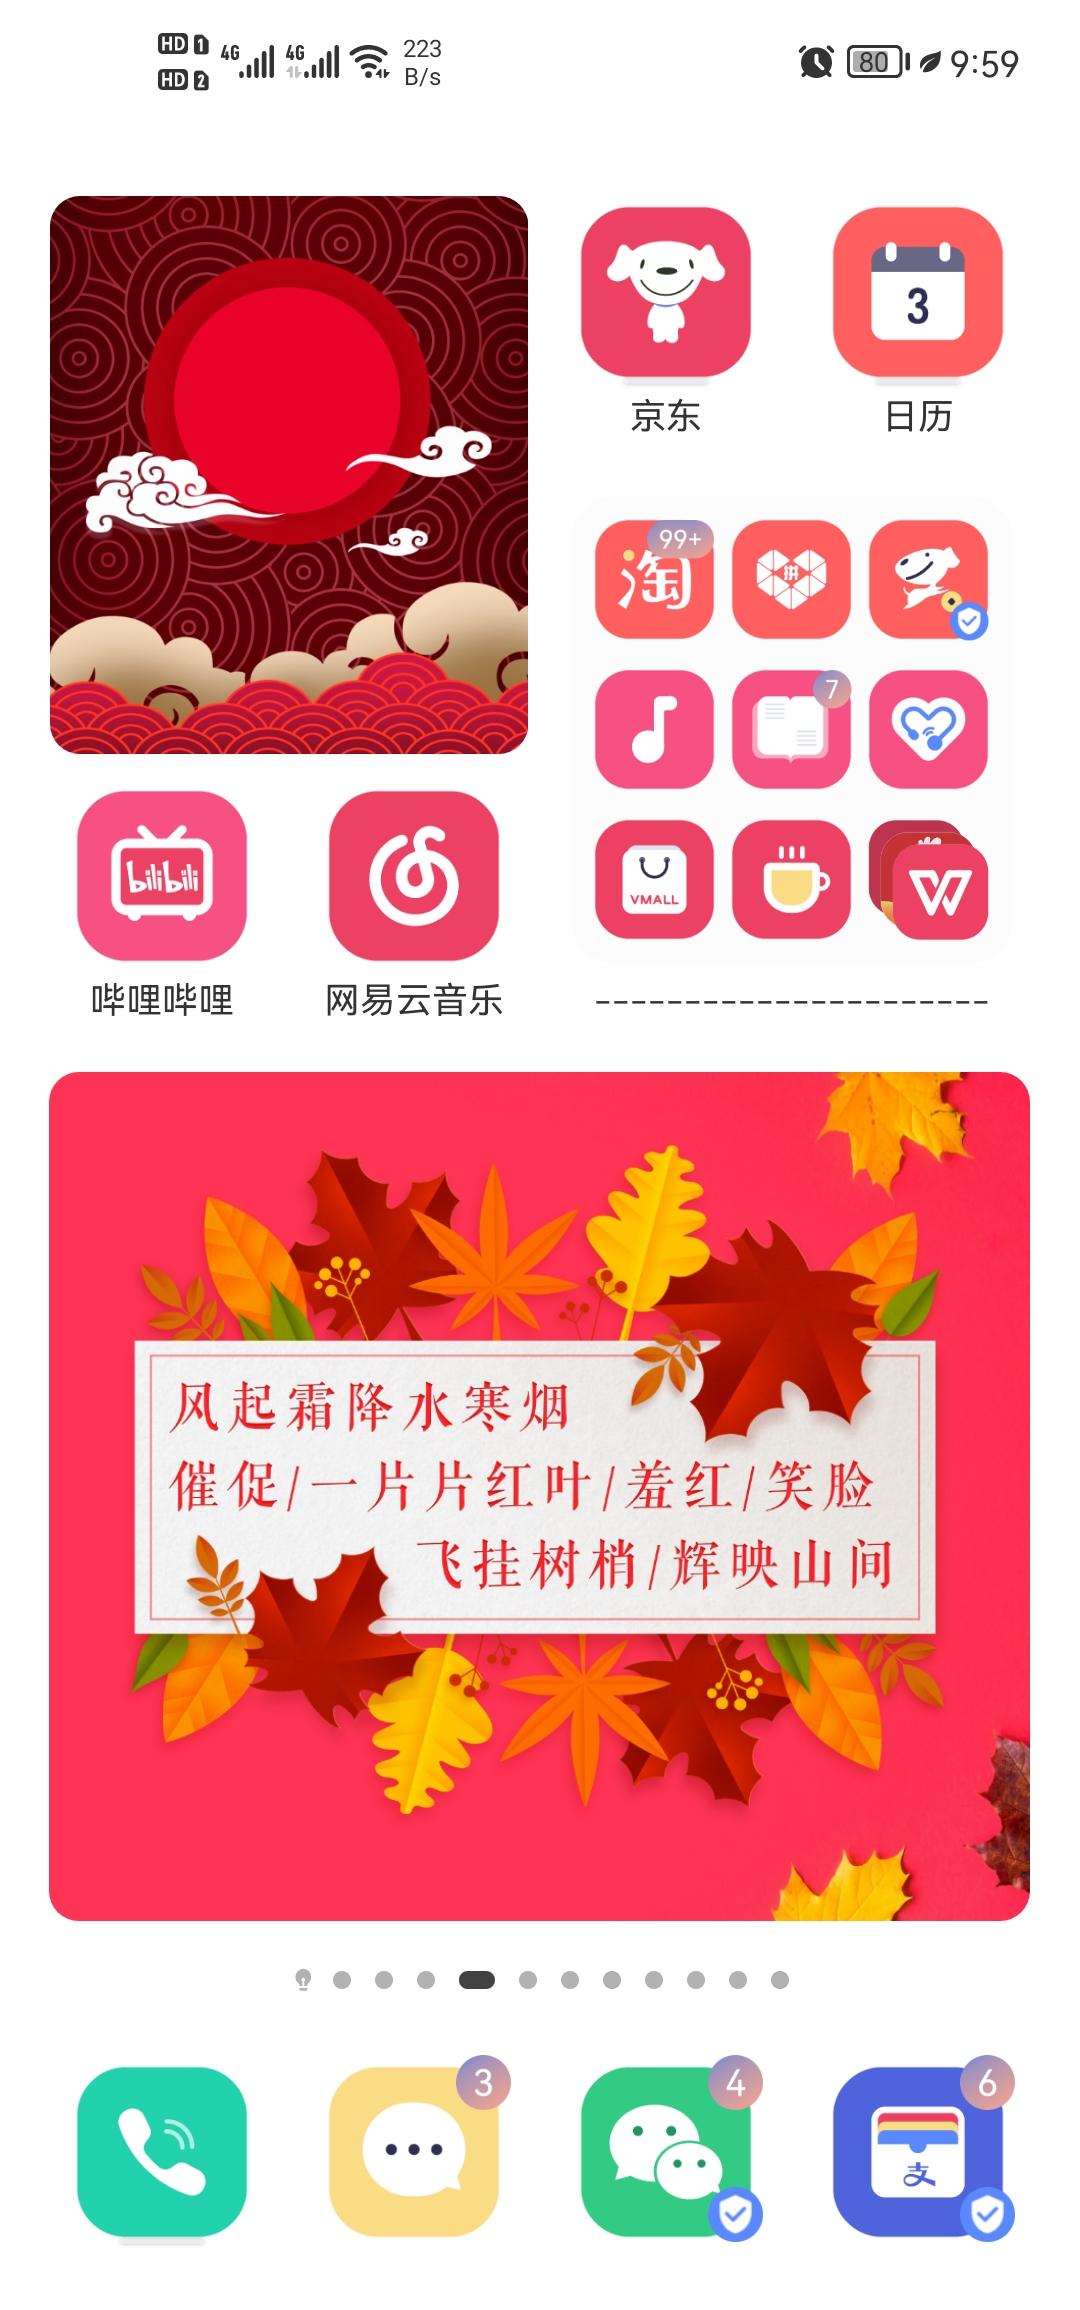 Screenshot_20210803_095903_com.huawei.android.launcher.jpg